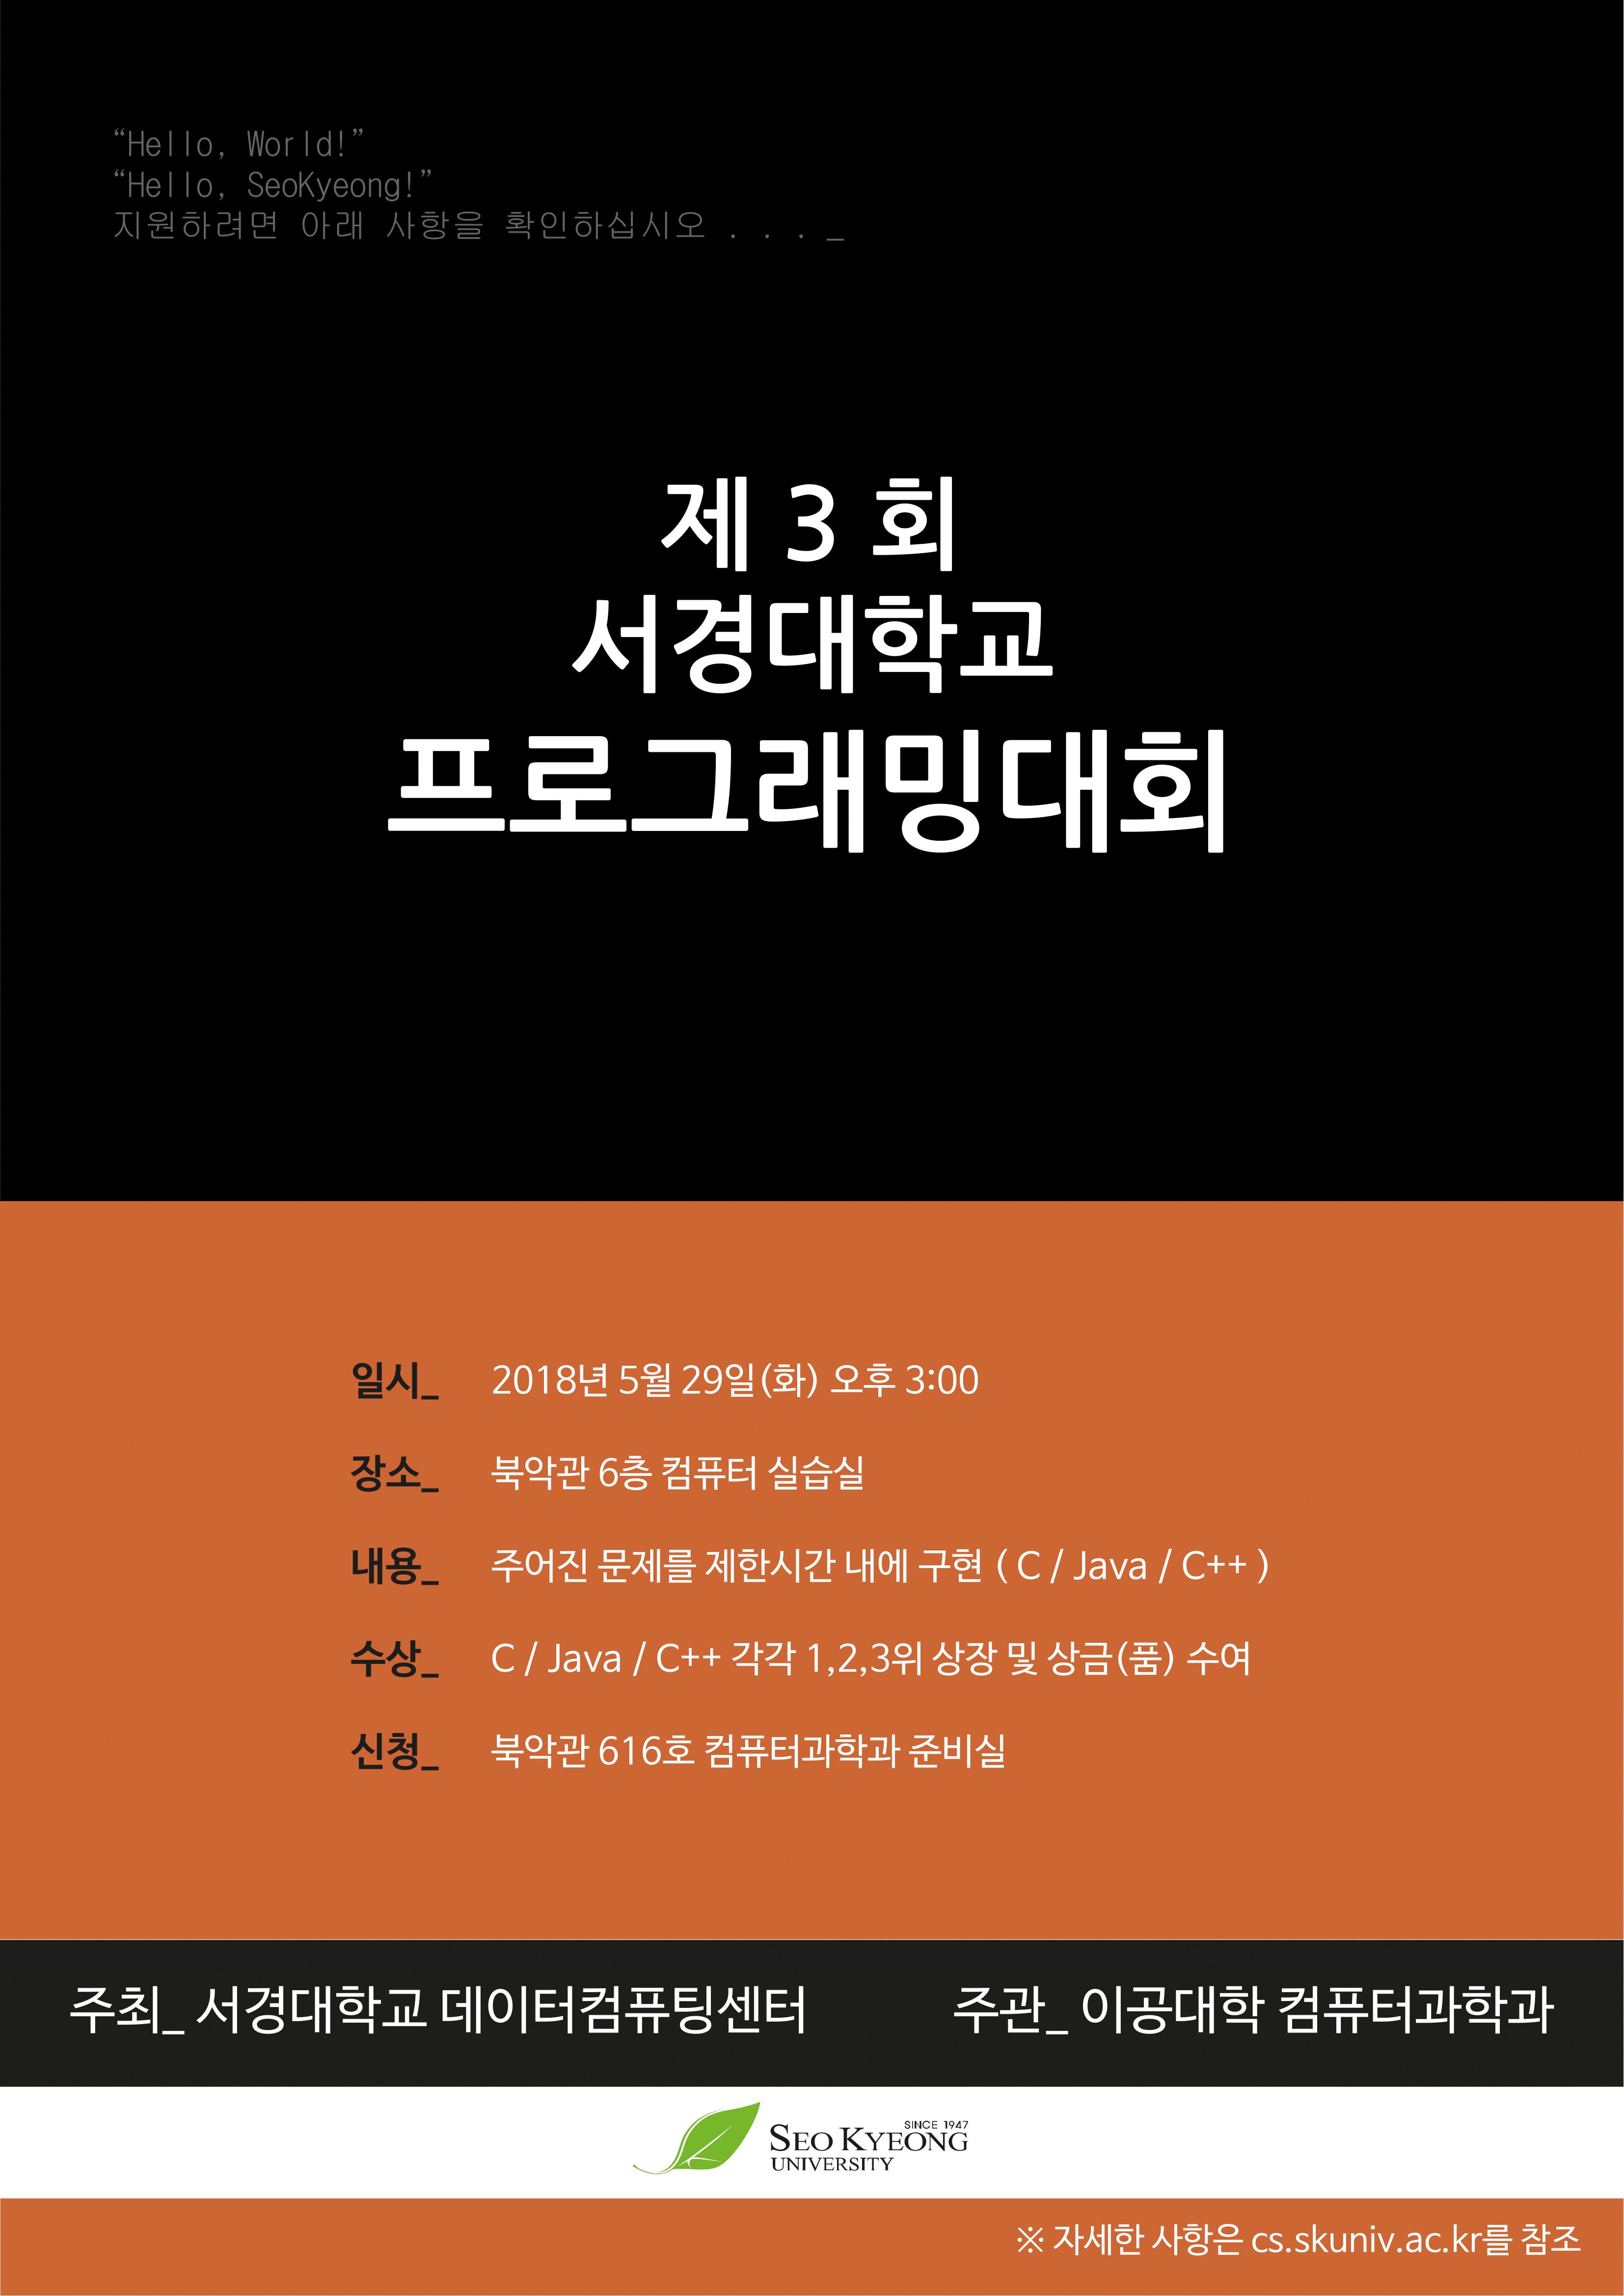 180517_제3회프로그래밍대회포스터_주황Final_크기조절-1.png